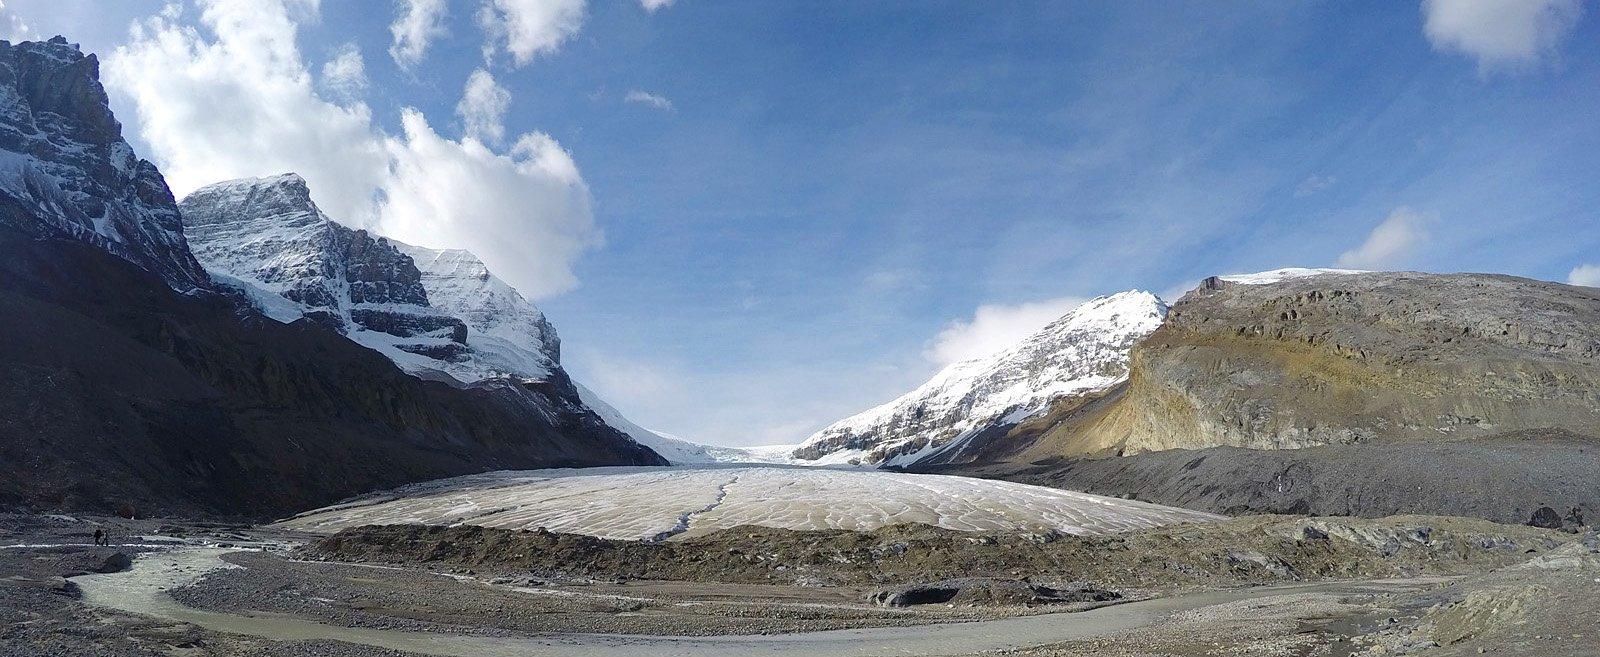 Canada's Athabasca Glacier